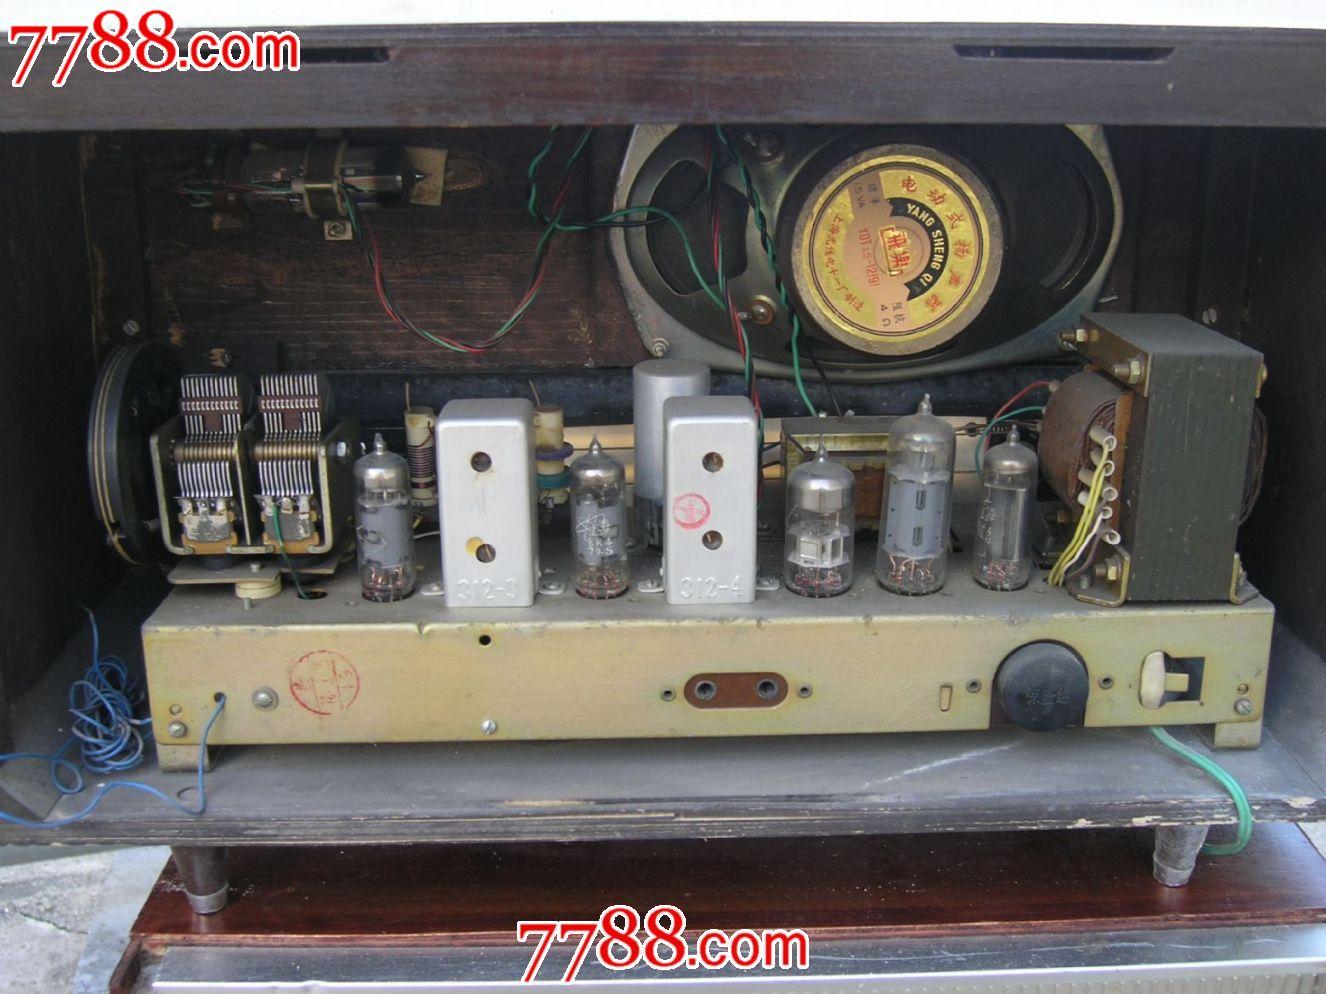 文革经典电子管收音机红灯711-2,出口机型(带110V/220V转换钮)收藏使用俱佳。文革经典电子管收音机红灯711为20世纪70年代上海无线电二厂产品,该机使用了6只电子管、1只晶体管。其中,采用6A2变频,6K4中放,2AP16检波,6N2音调/低放,6P1功放,6E2调谐指示,6Z4整流,带拾音插孔。机器保存相当好,不通电无法试,品相如下图,邮费按地区不同实收